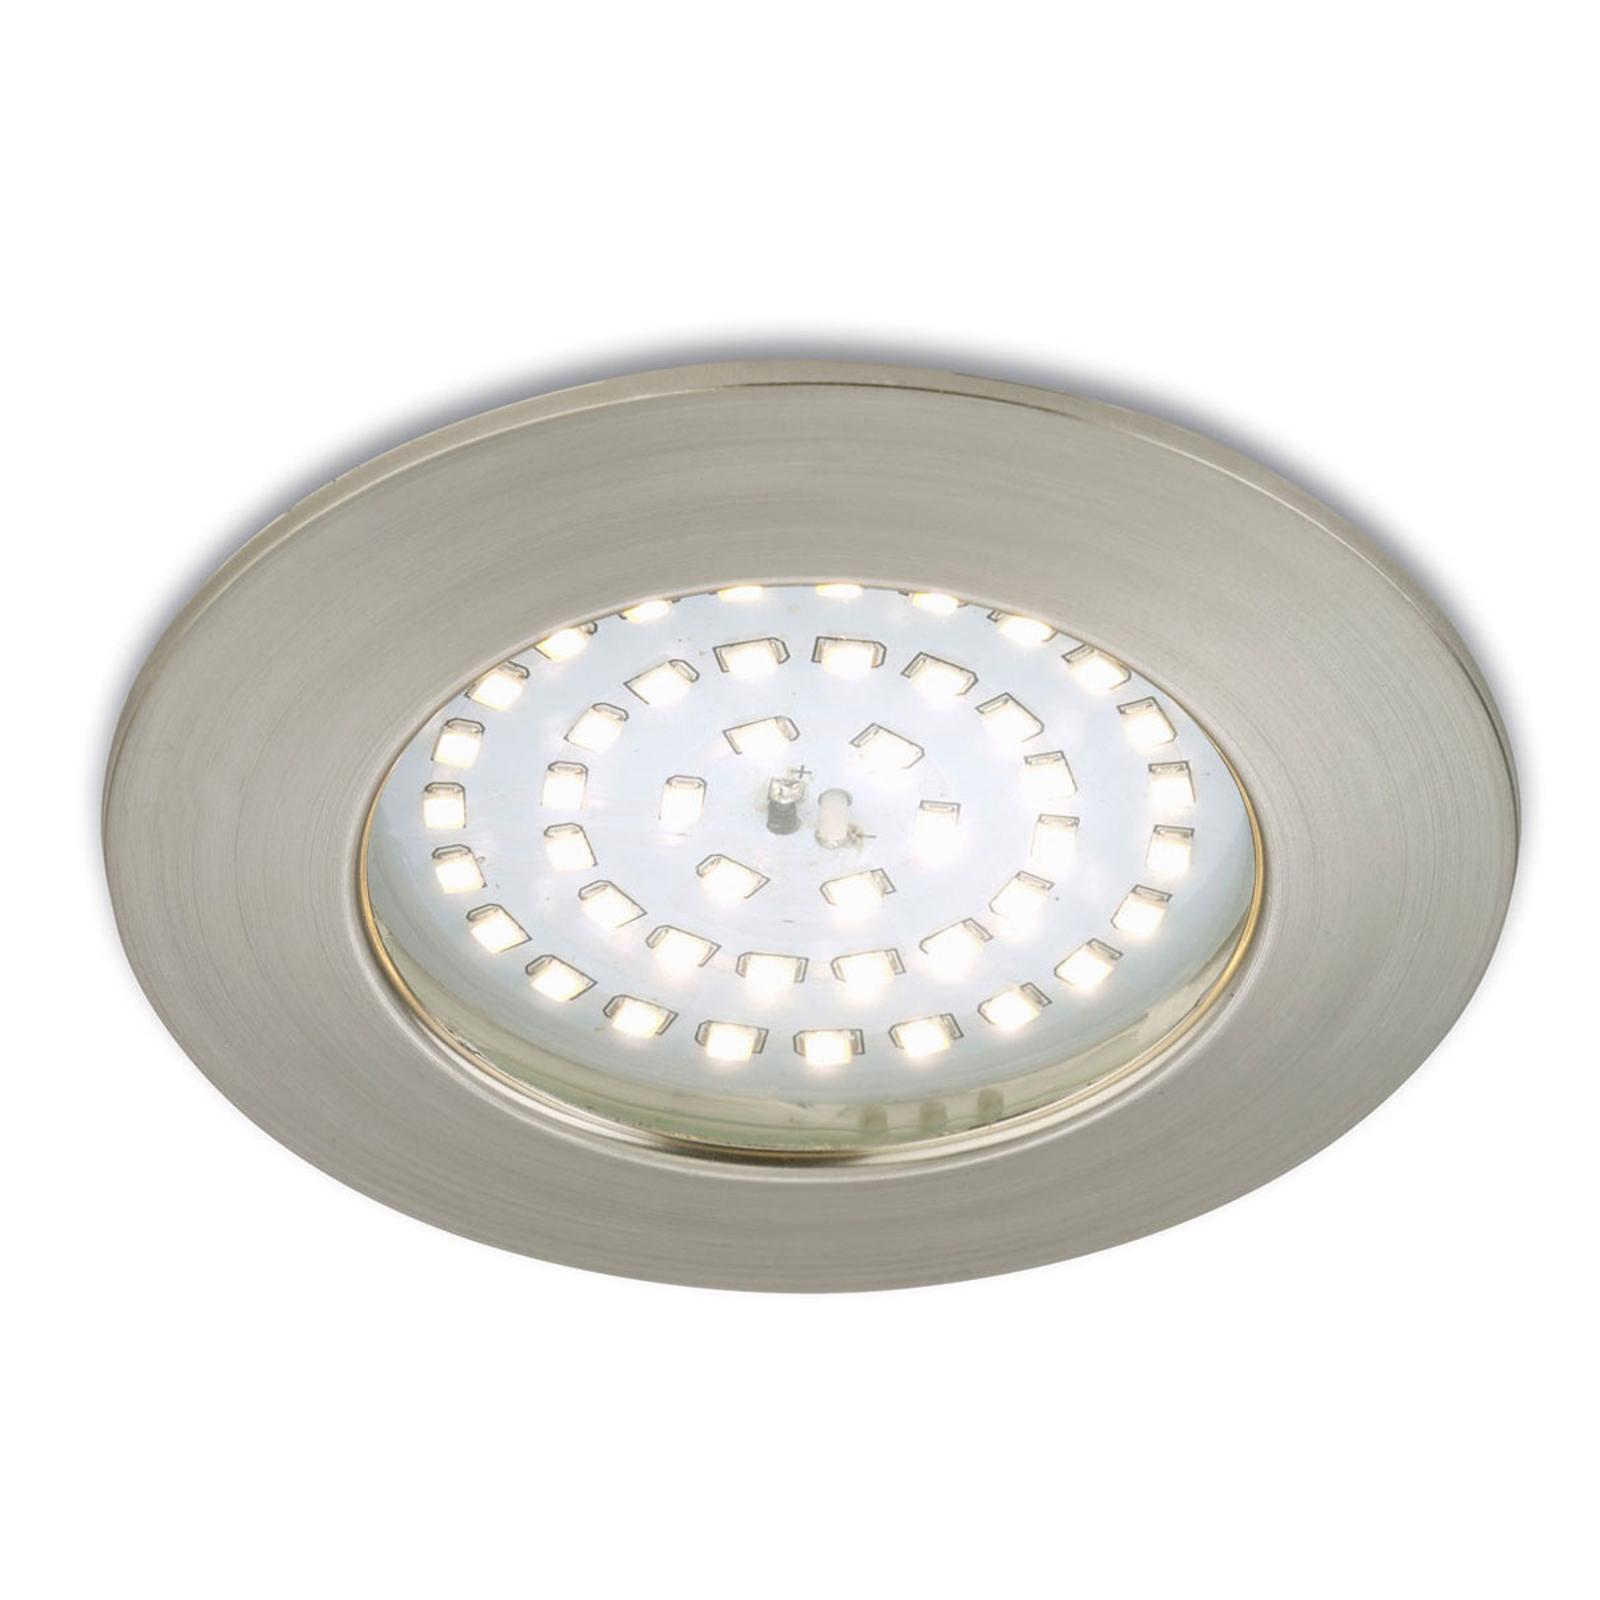 Akzentgebender LED-Einbaustrahler Paul matt-nicke